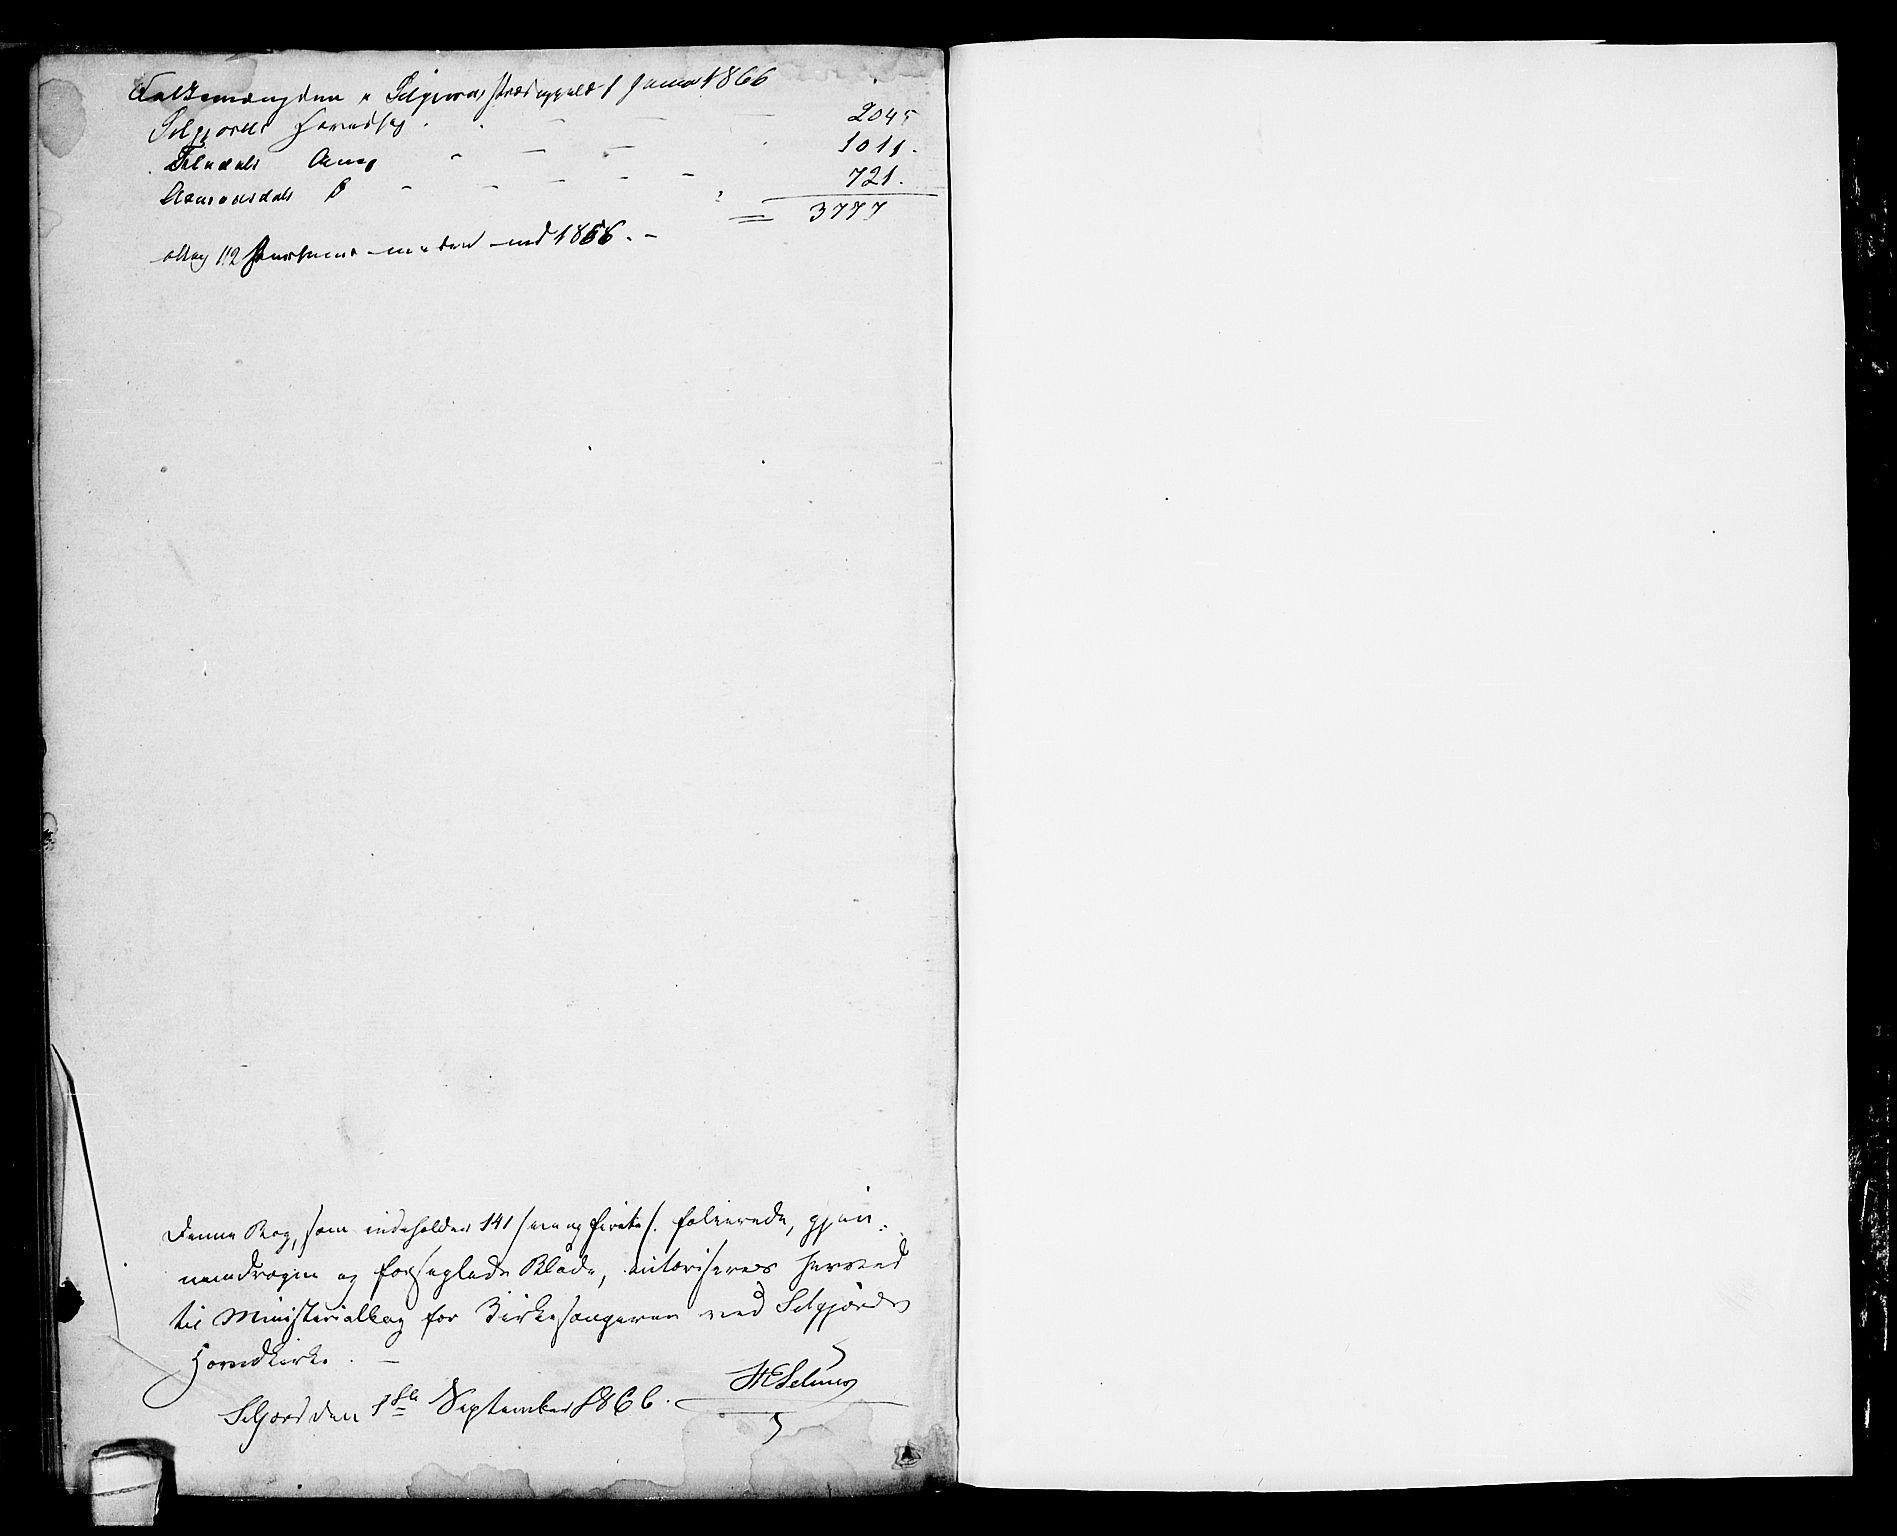 SAKO, Seljord kirkebøker, G/Ga/L0003: Klokkerbok nr. I 3, 1866-1873